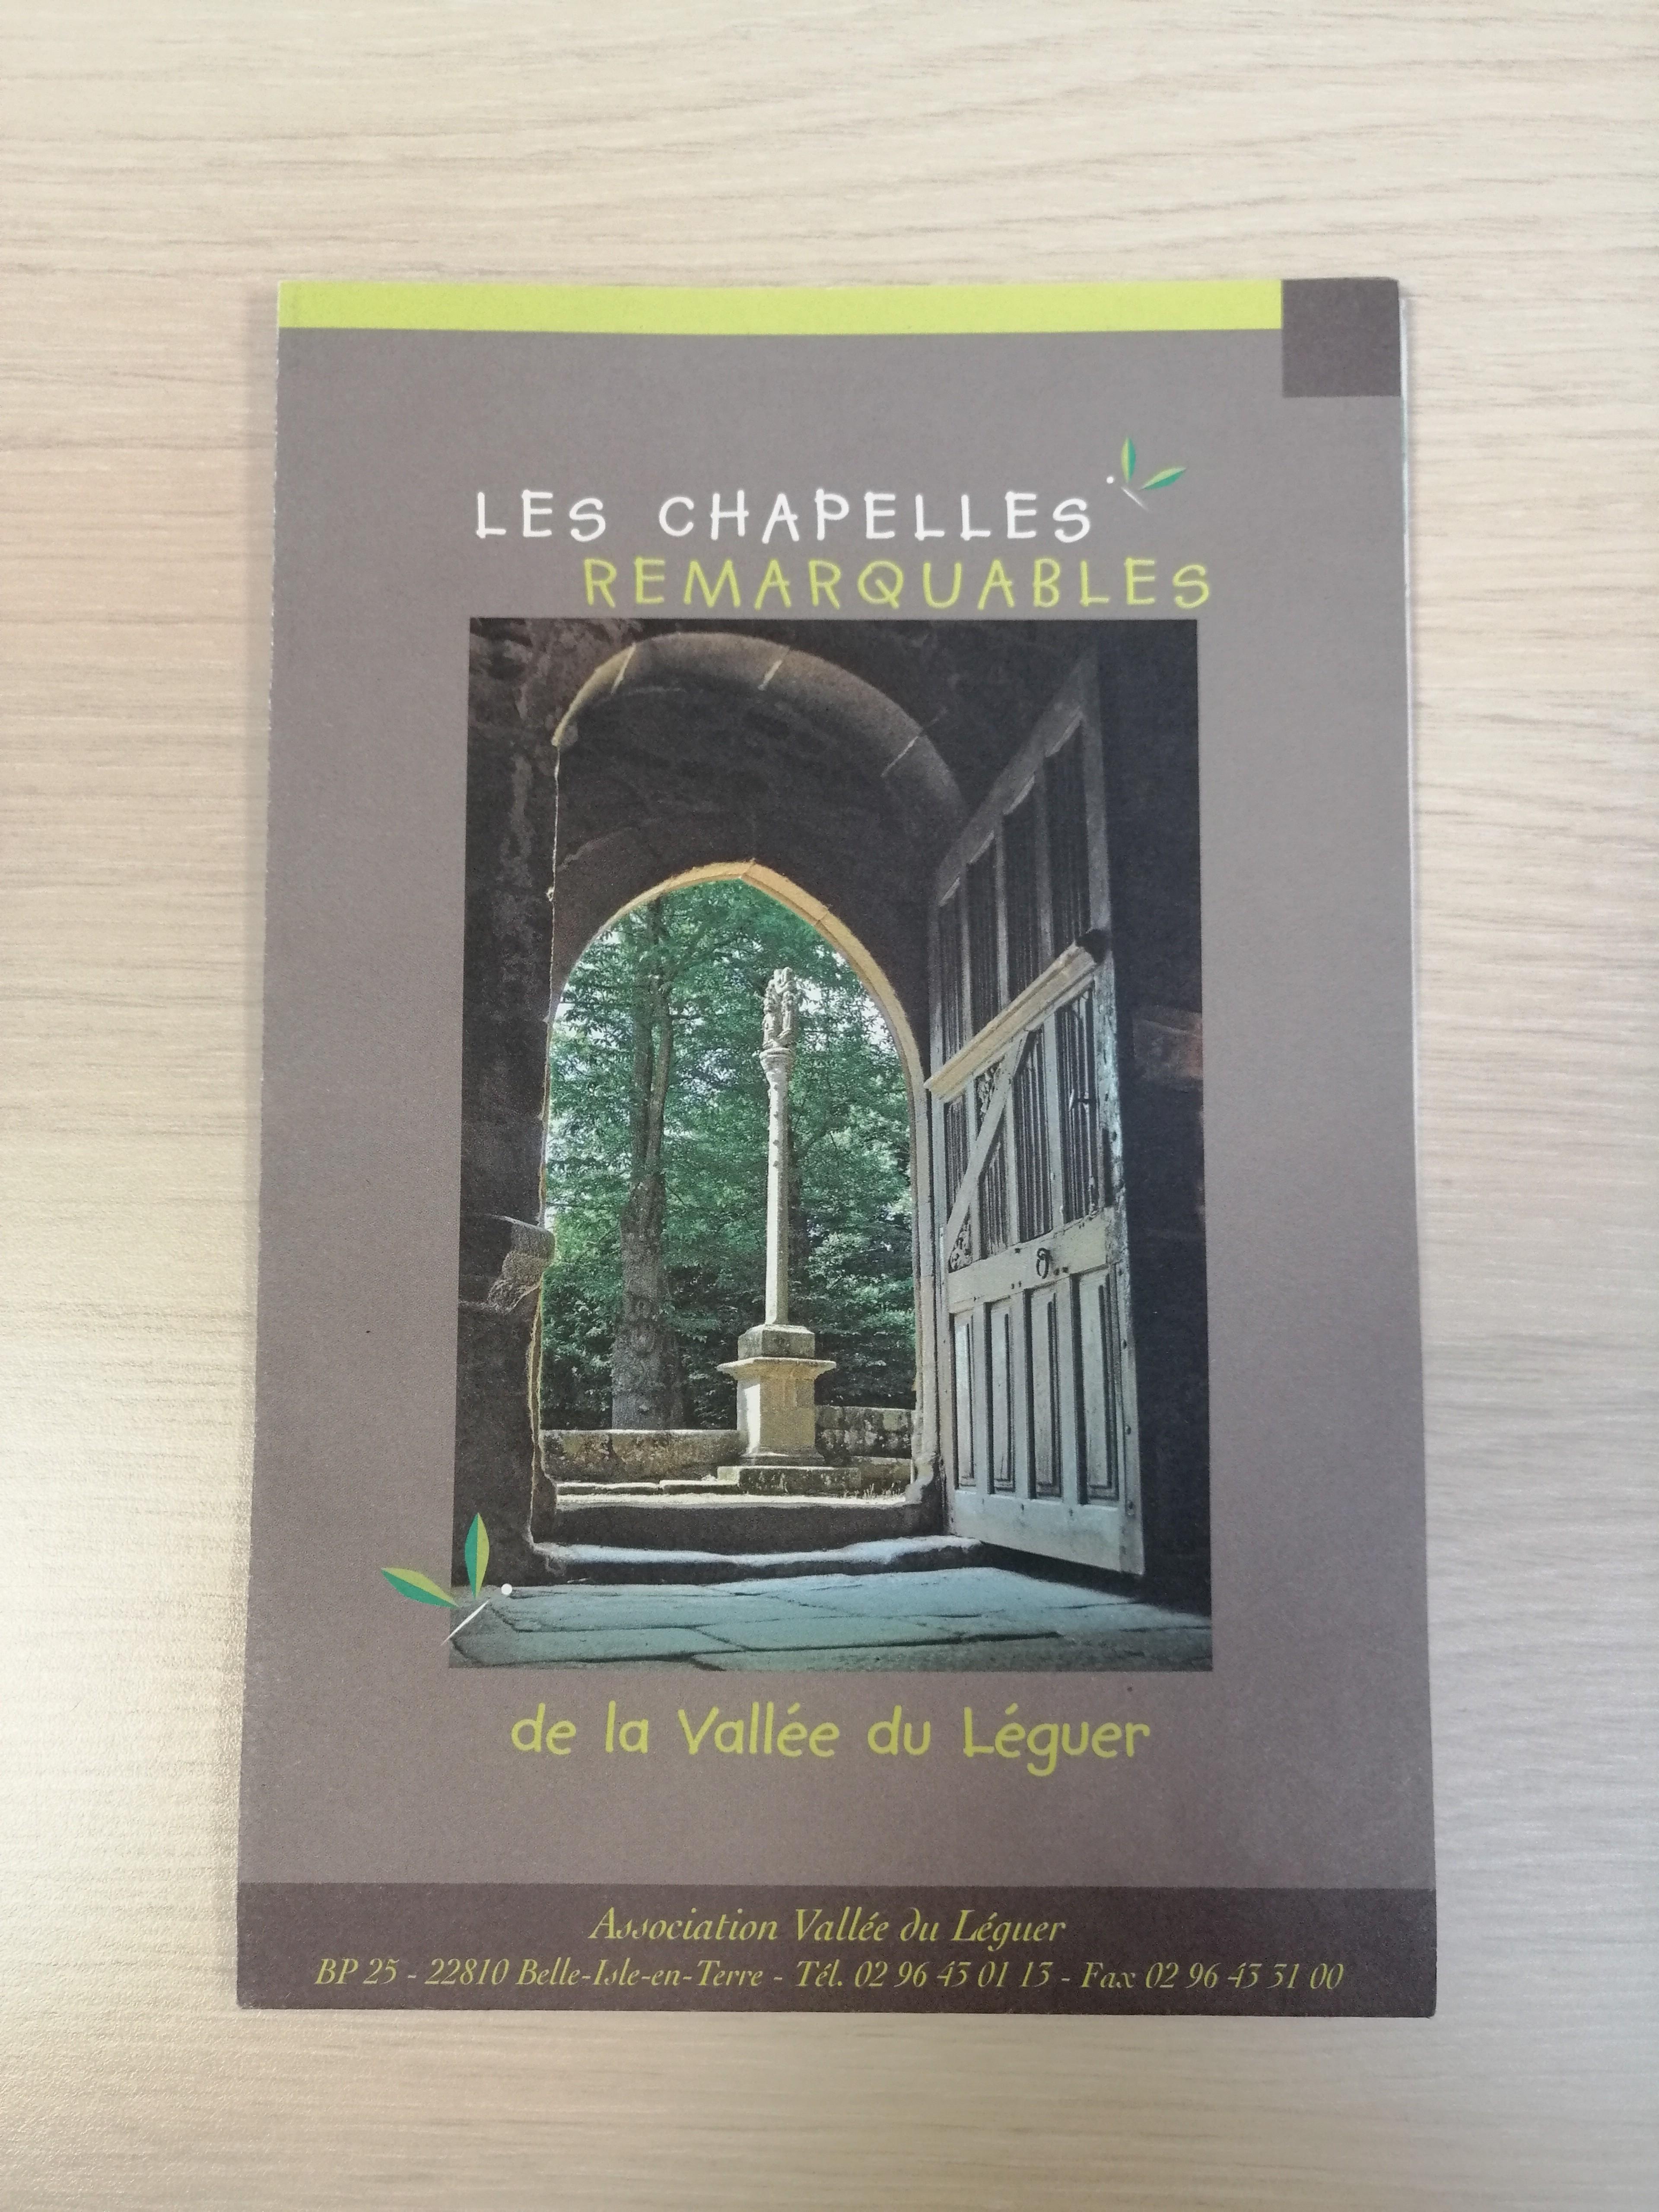 04 - Les chapelles remarquables